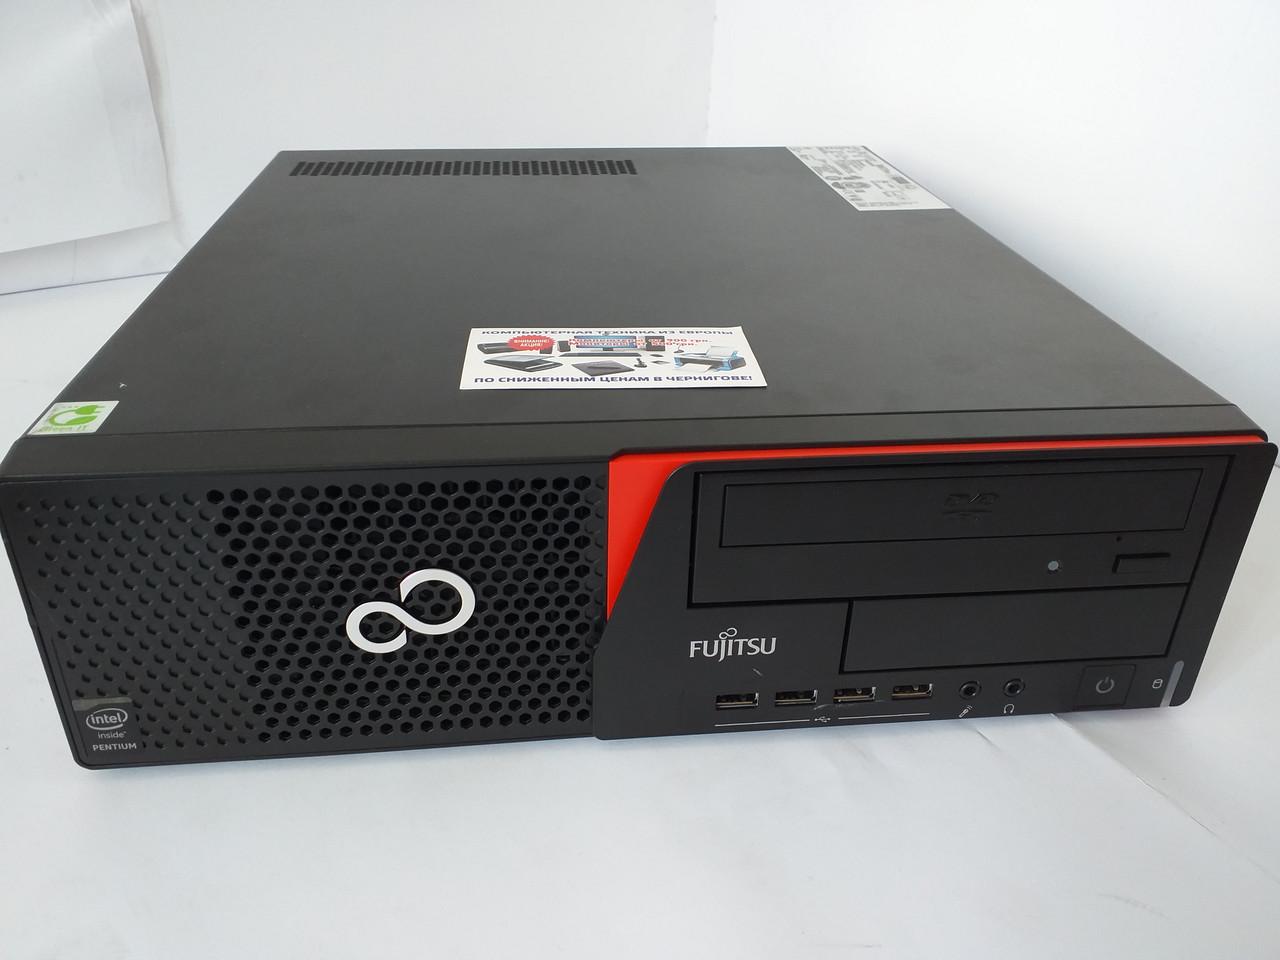 Системный блок Fujitsu 720 sff Intel i5-4590 3.7 ГГц soket 1150 gen 4